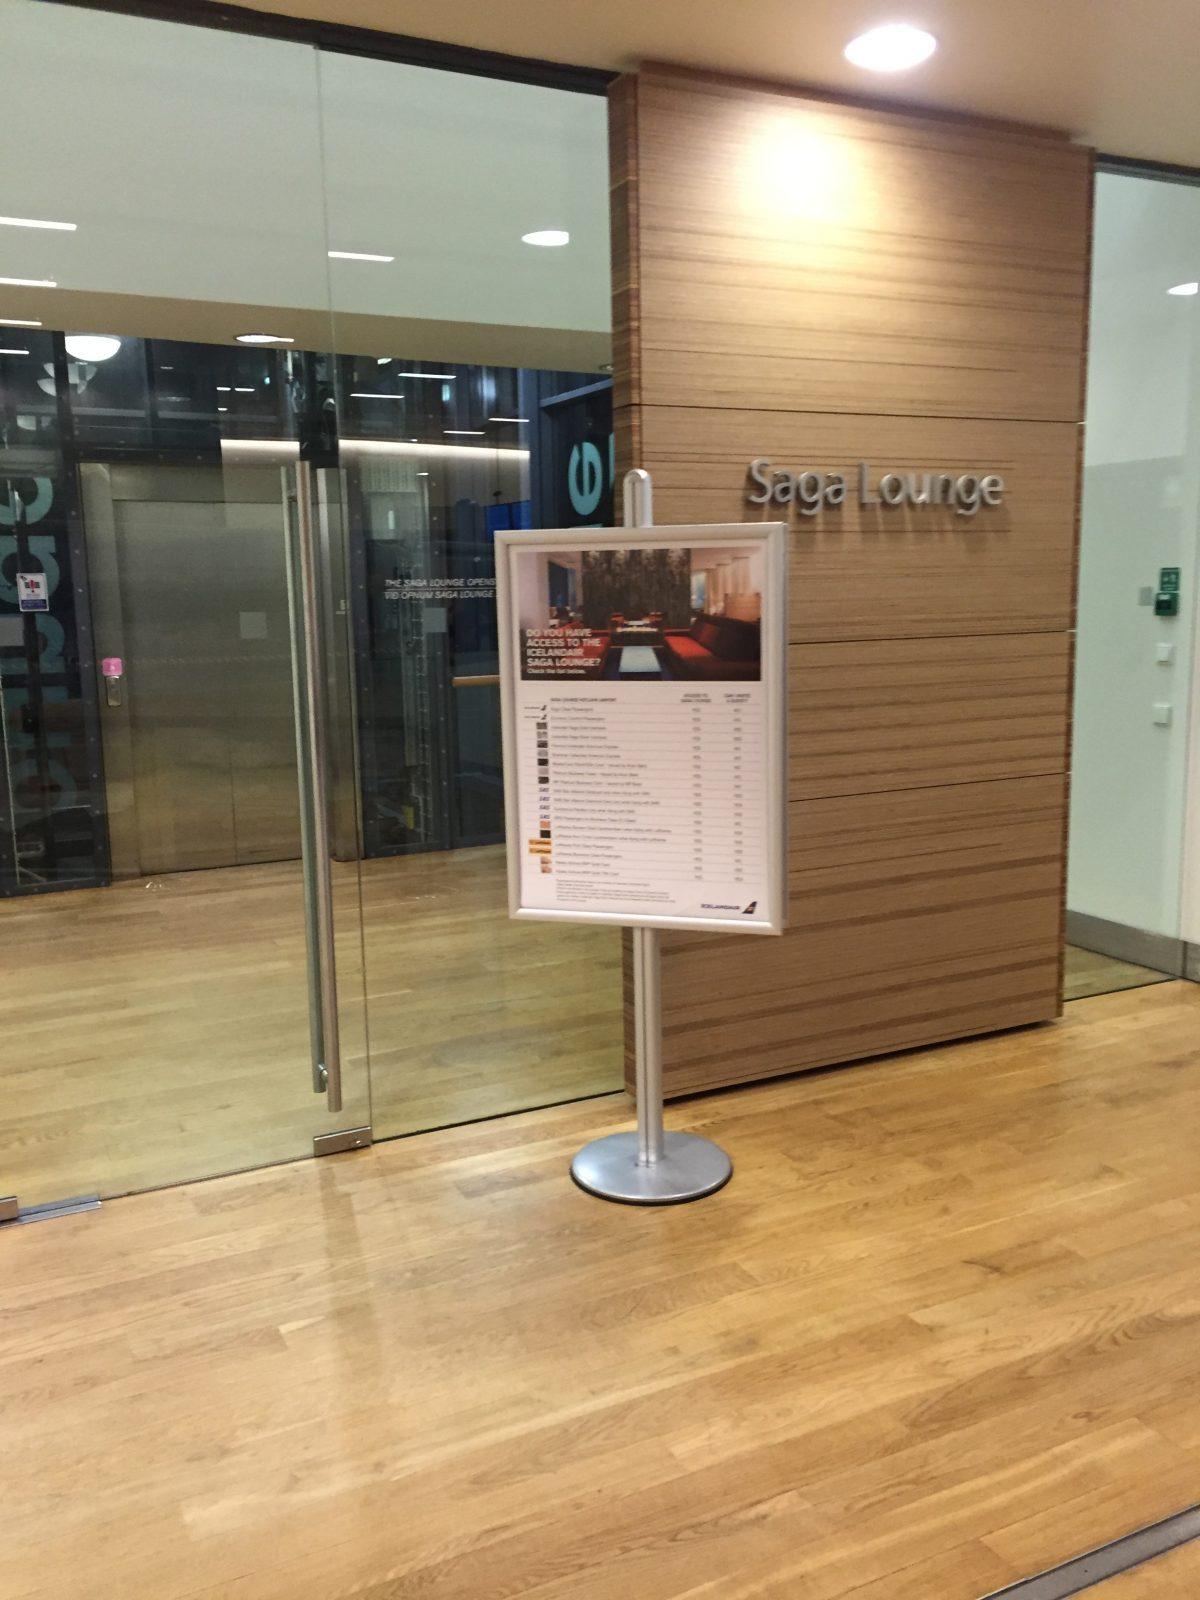 Icelandair Saga Lounge Keflavik Airport